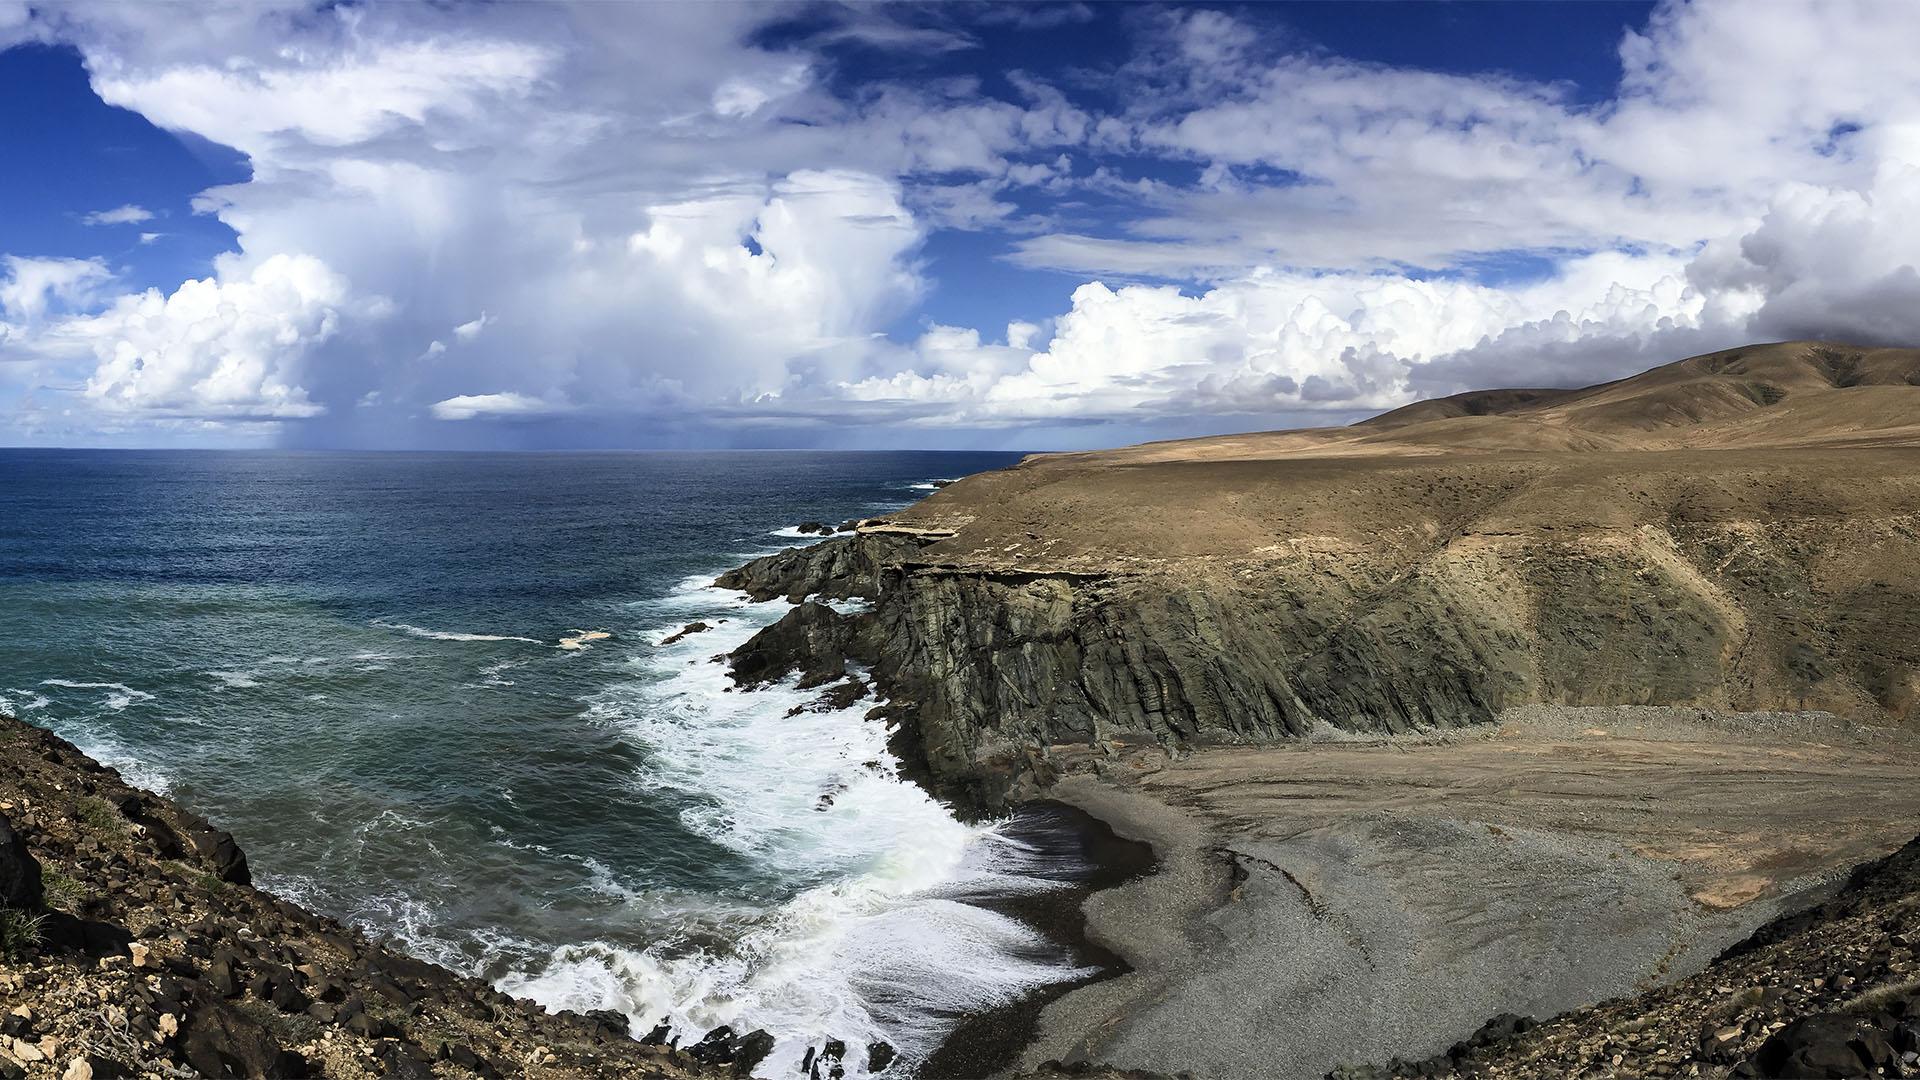 Die Strände Fuerteventuras: Playa de los Mozos Valle de Santa Inés